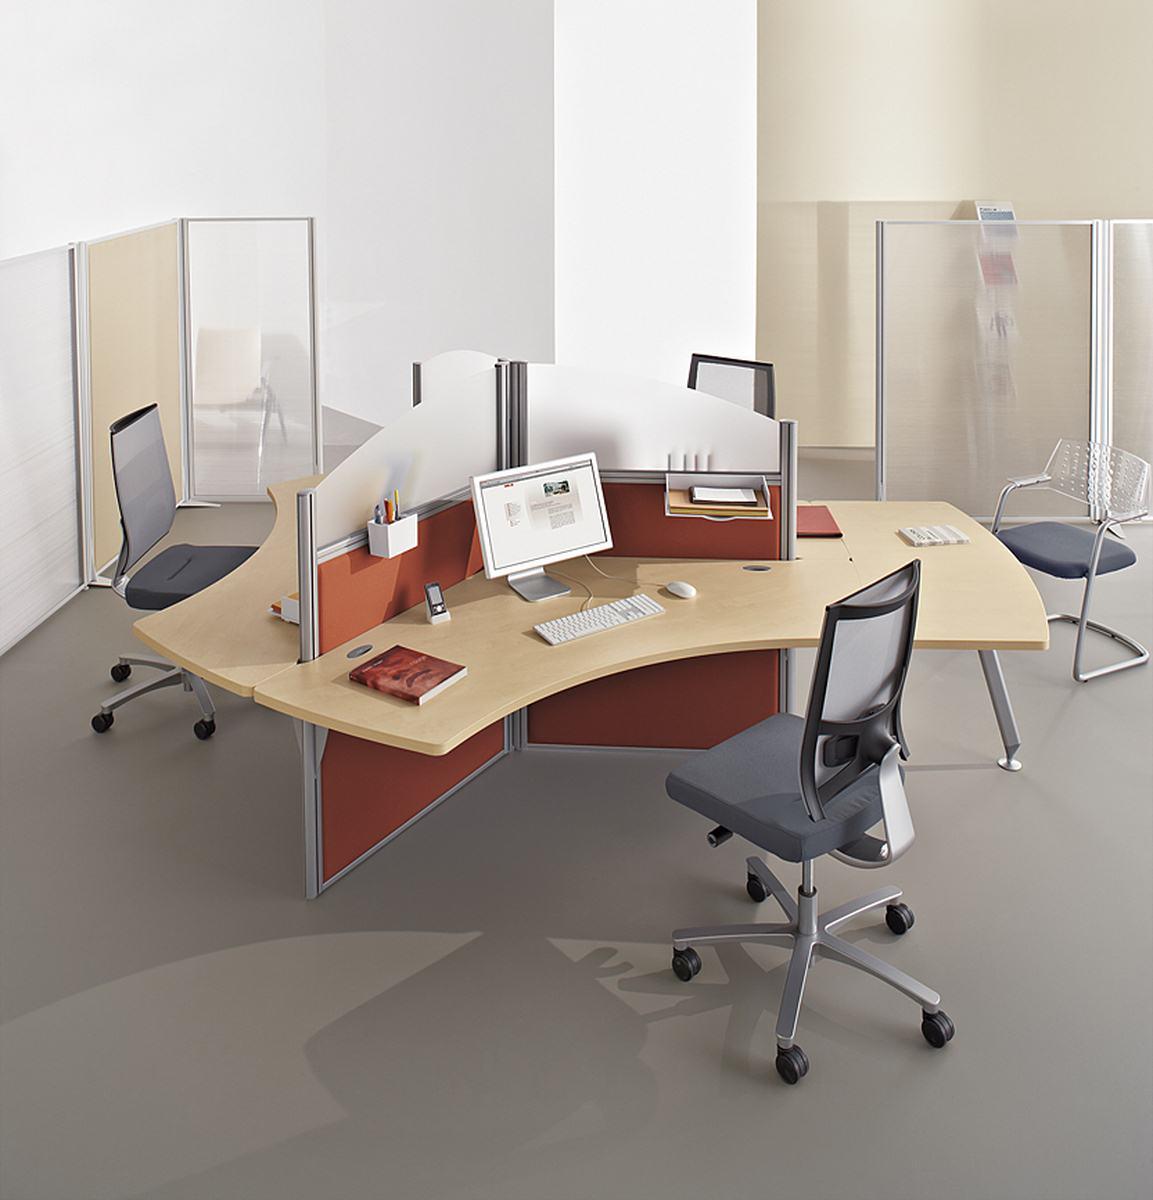 Repenser son espace de travail avec mobilier de bureau - Jeu de travail au bureau ...